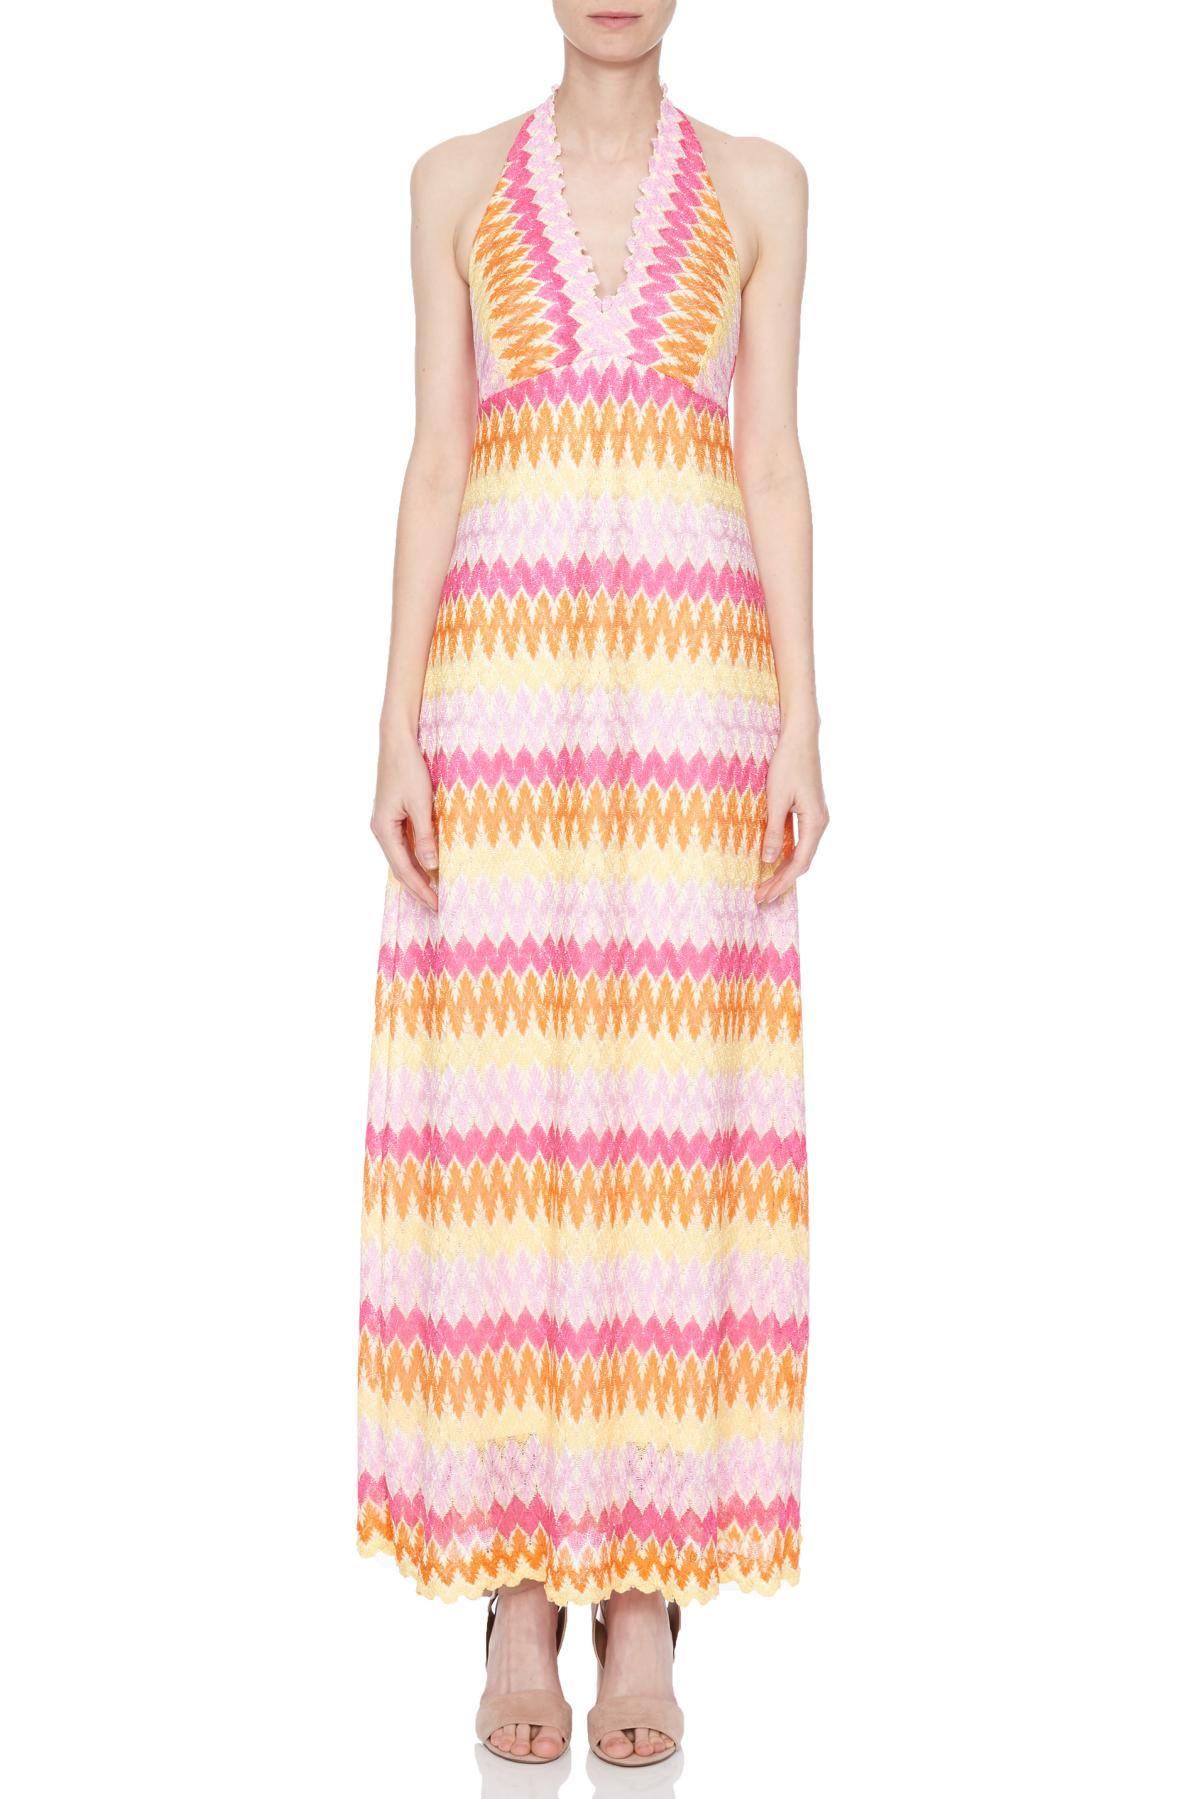 Front of Ana Alcazar Maxi Dress Nasmey  worn by model